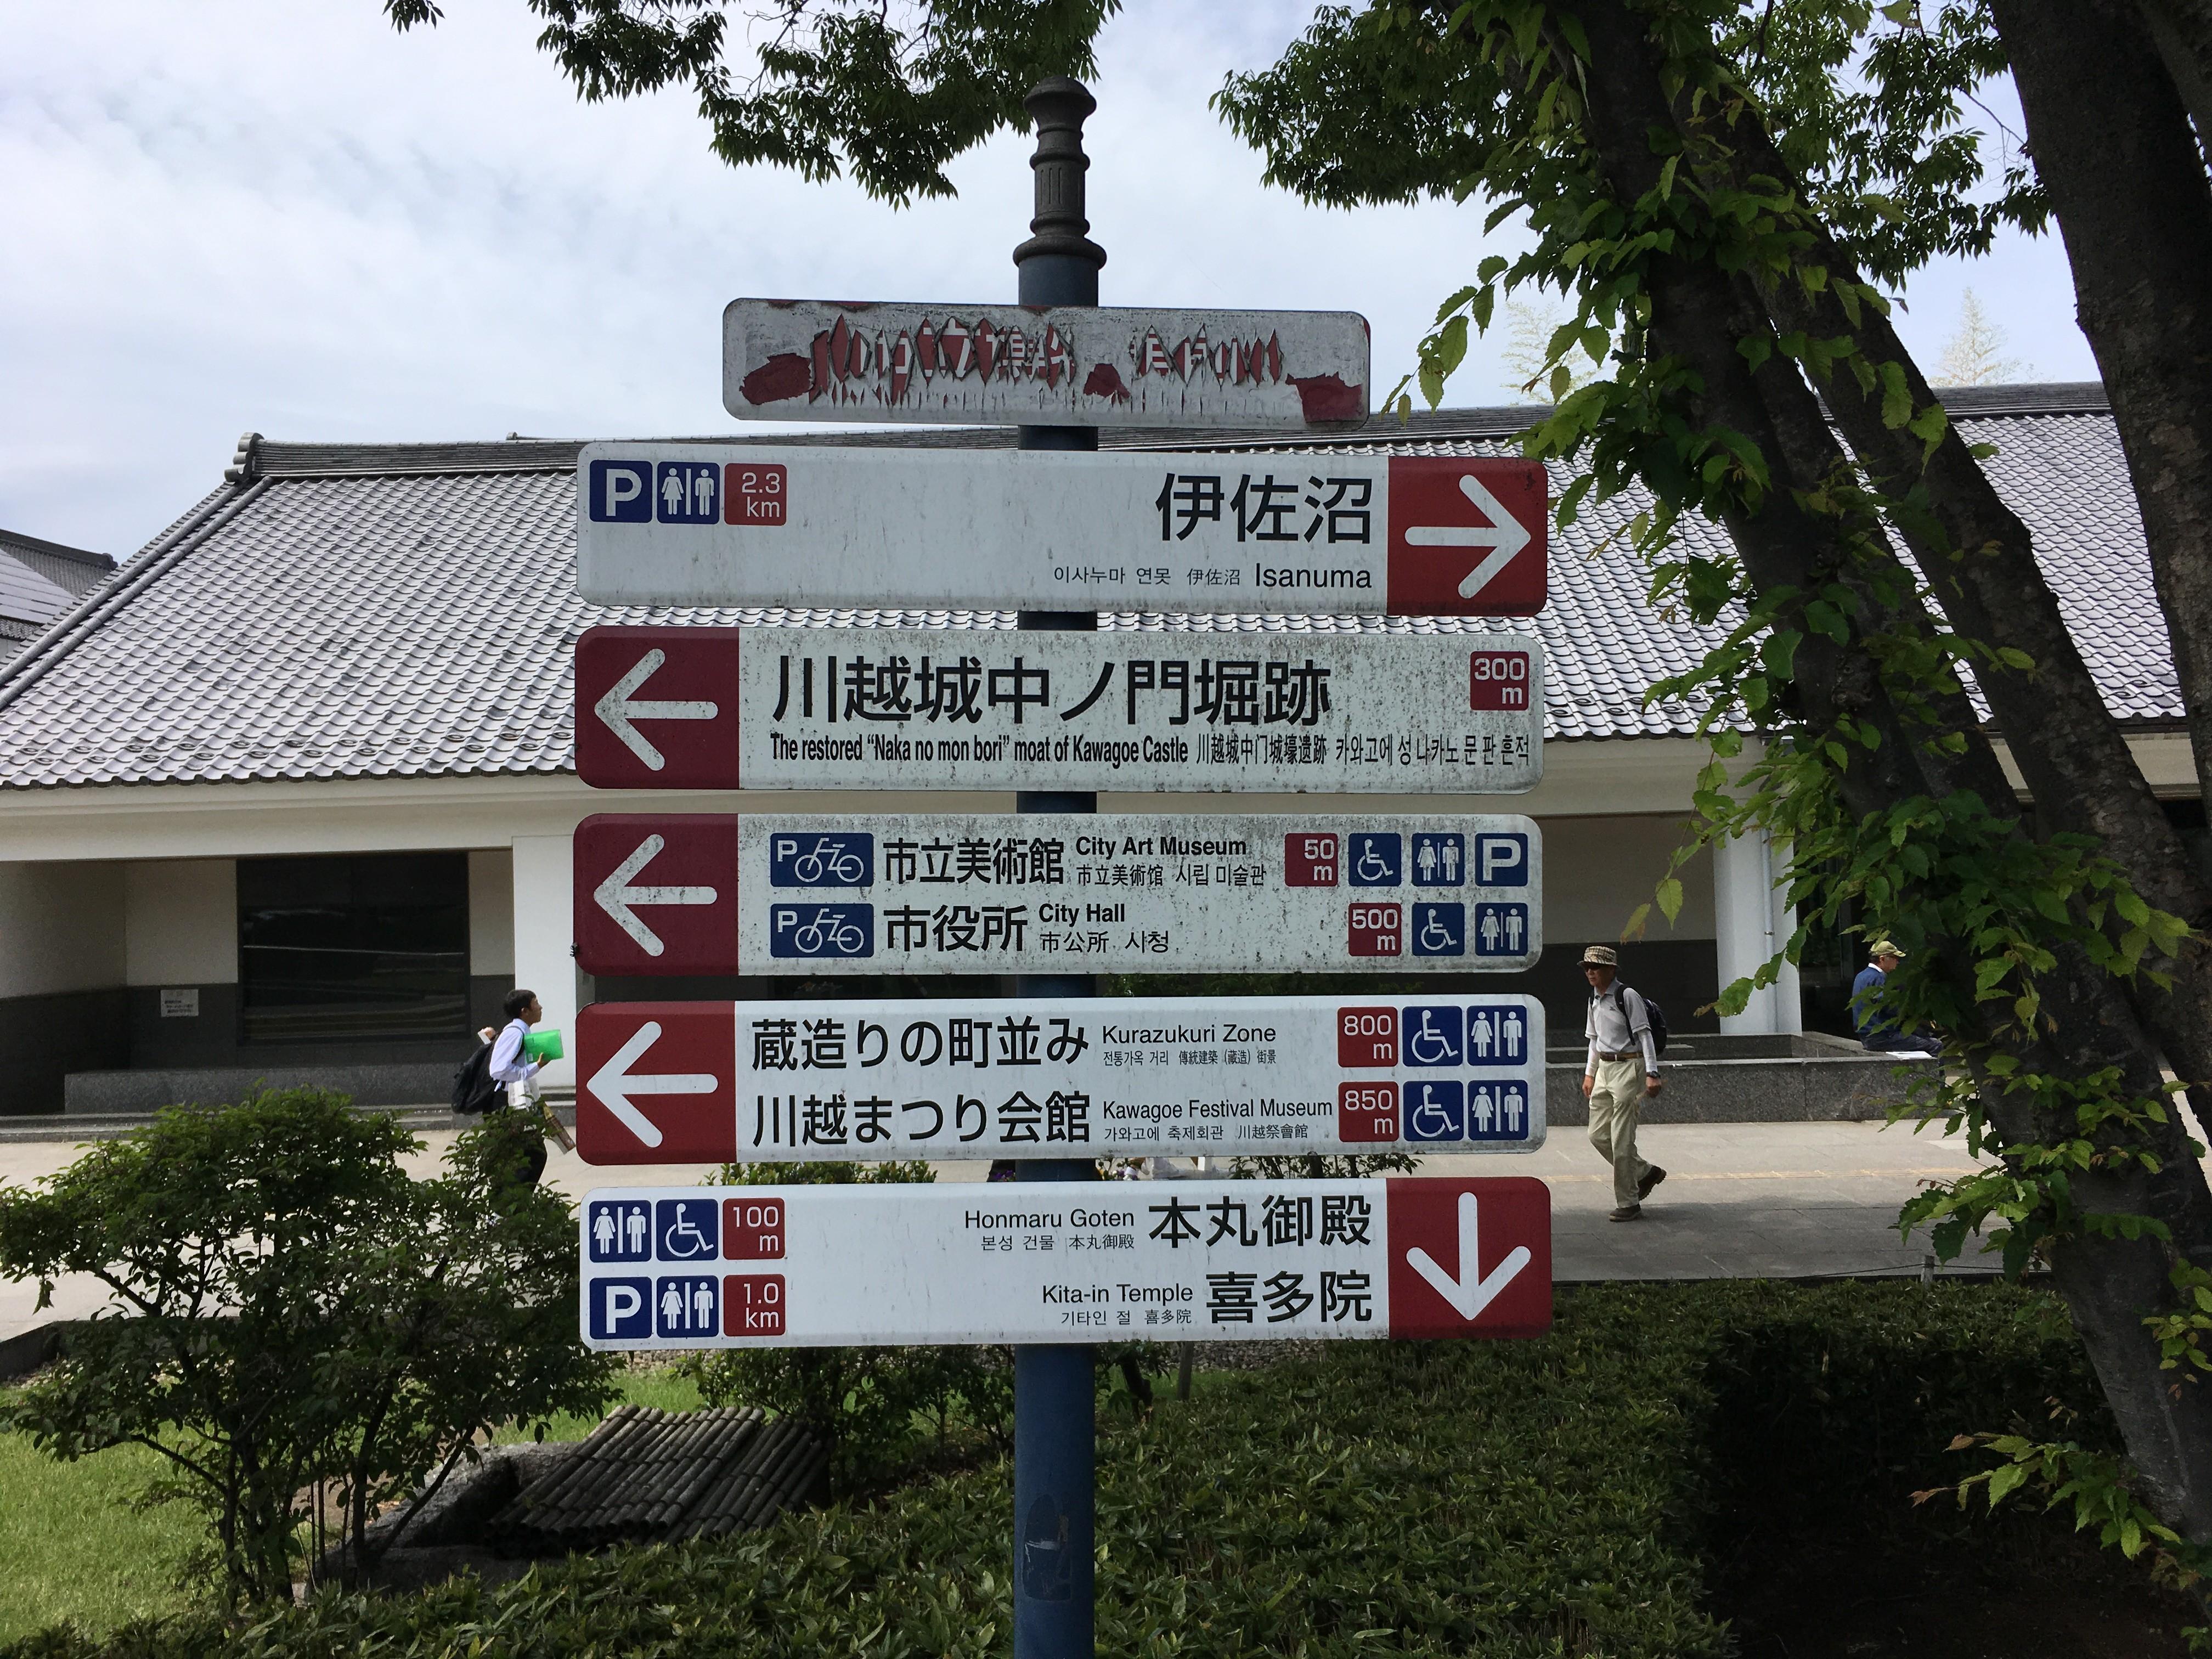 川越市立博物館前の案内板